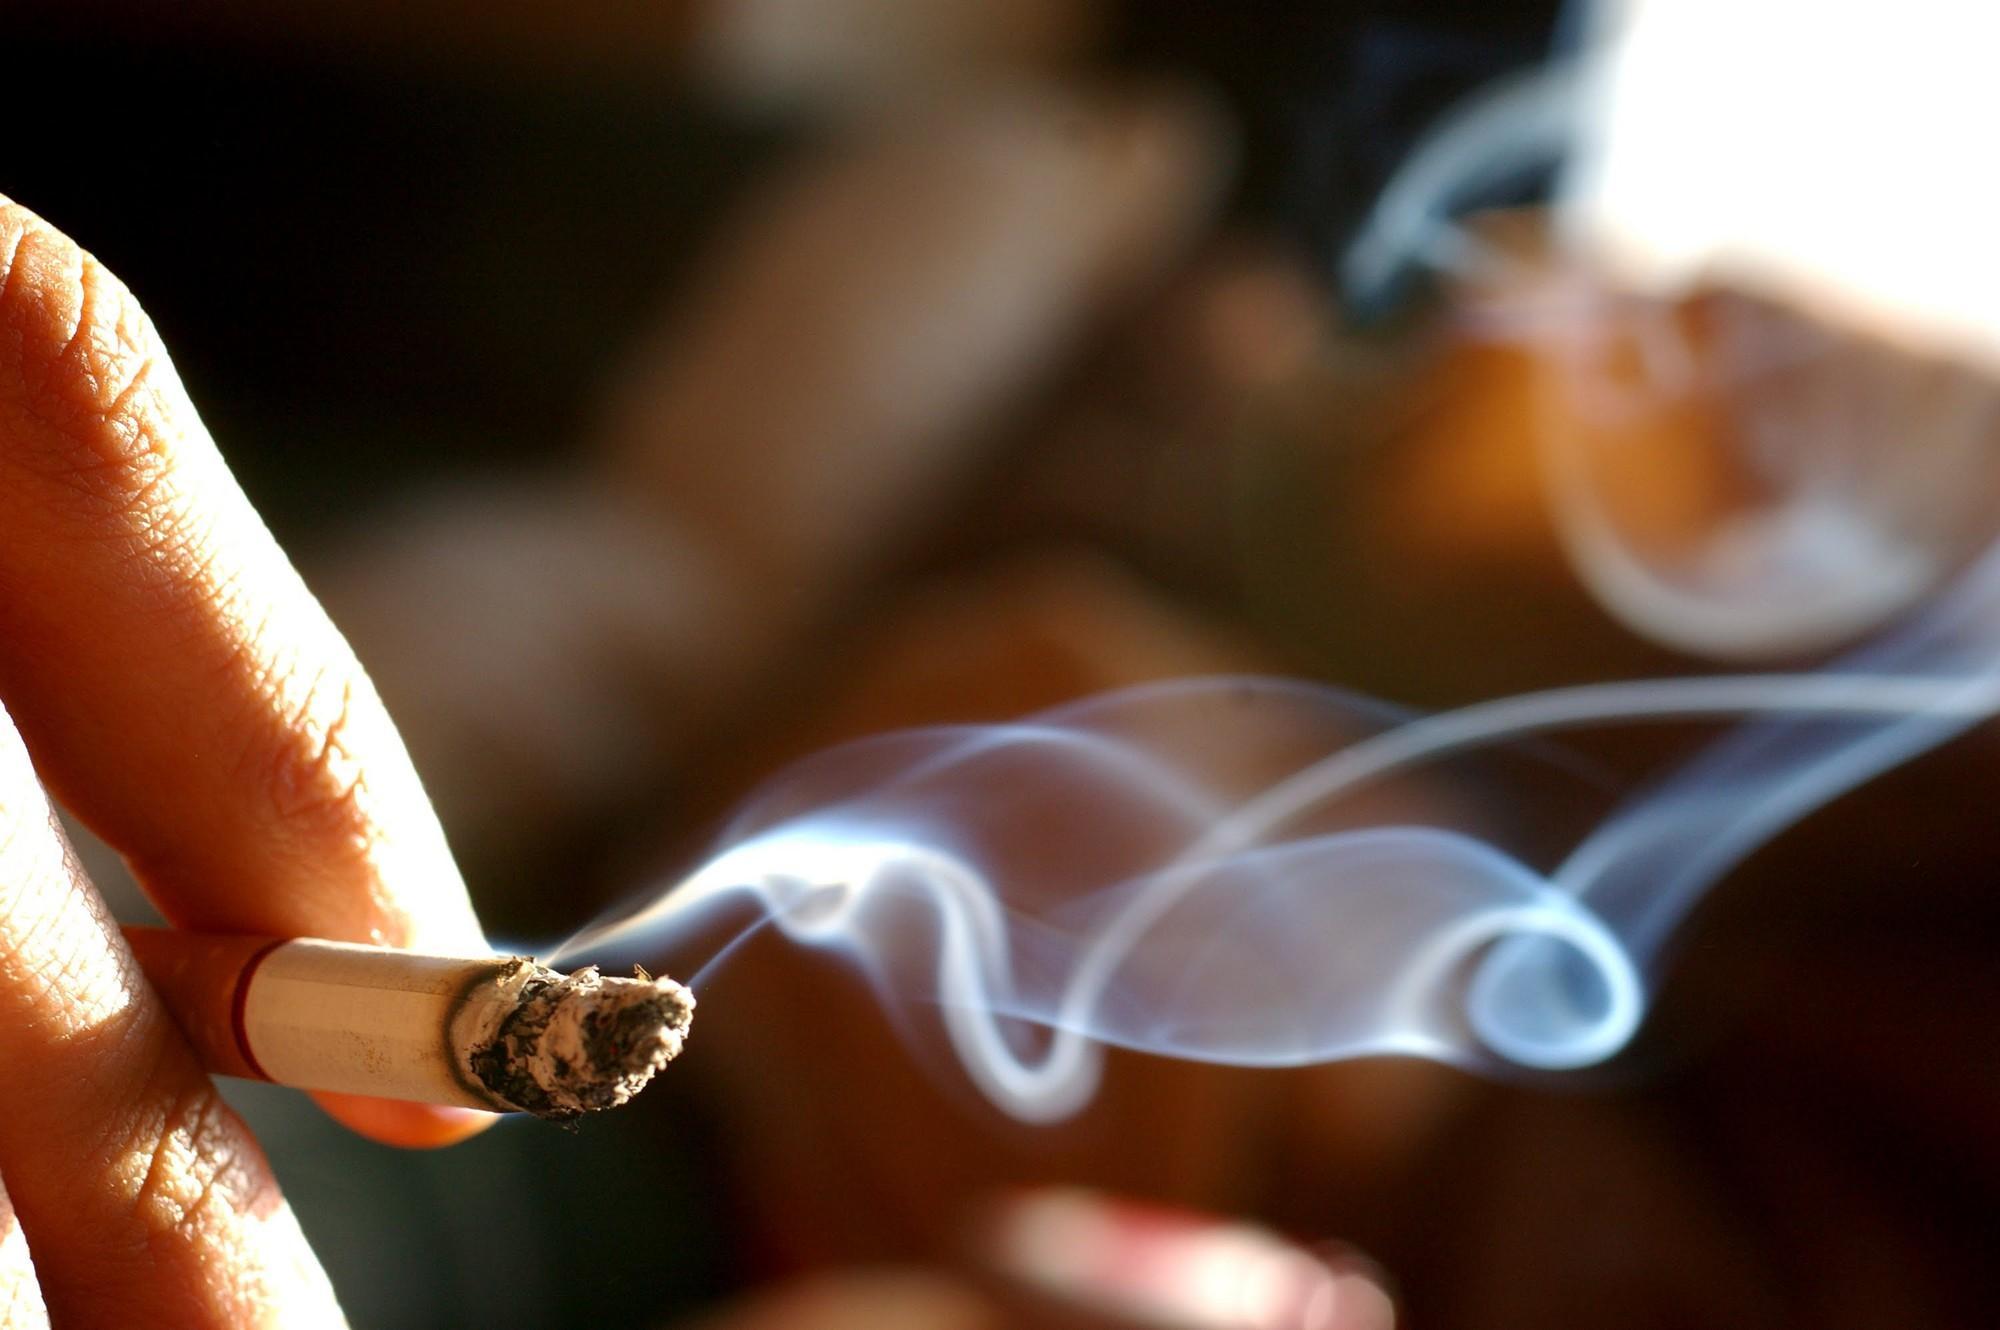 thuốc lá làm tăng nguy cơ k phổi